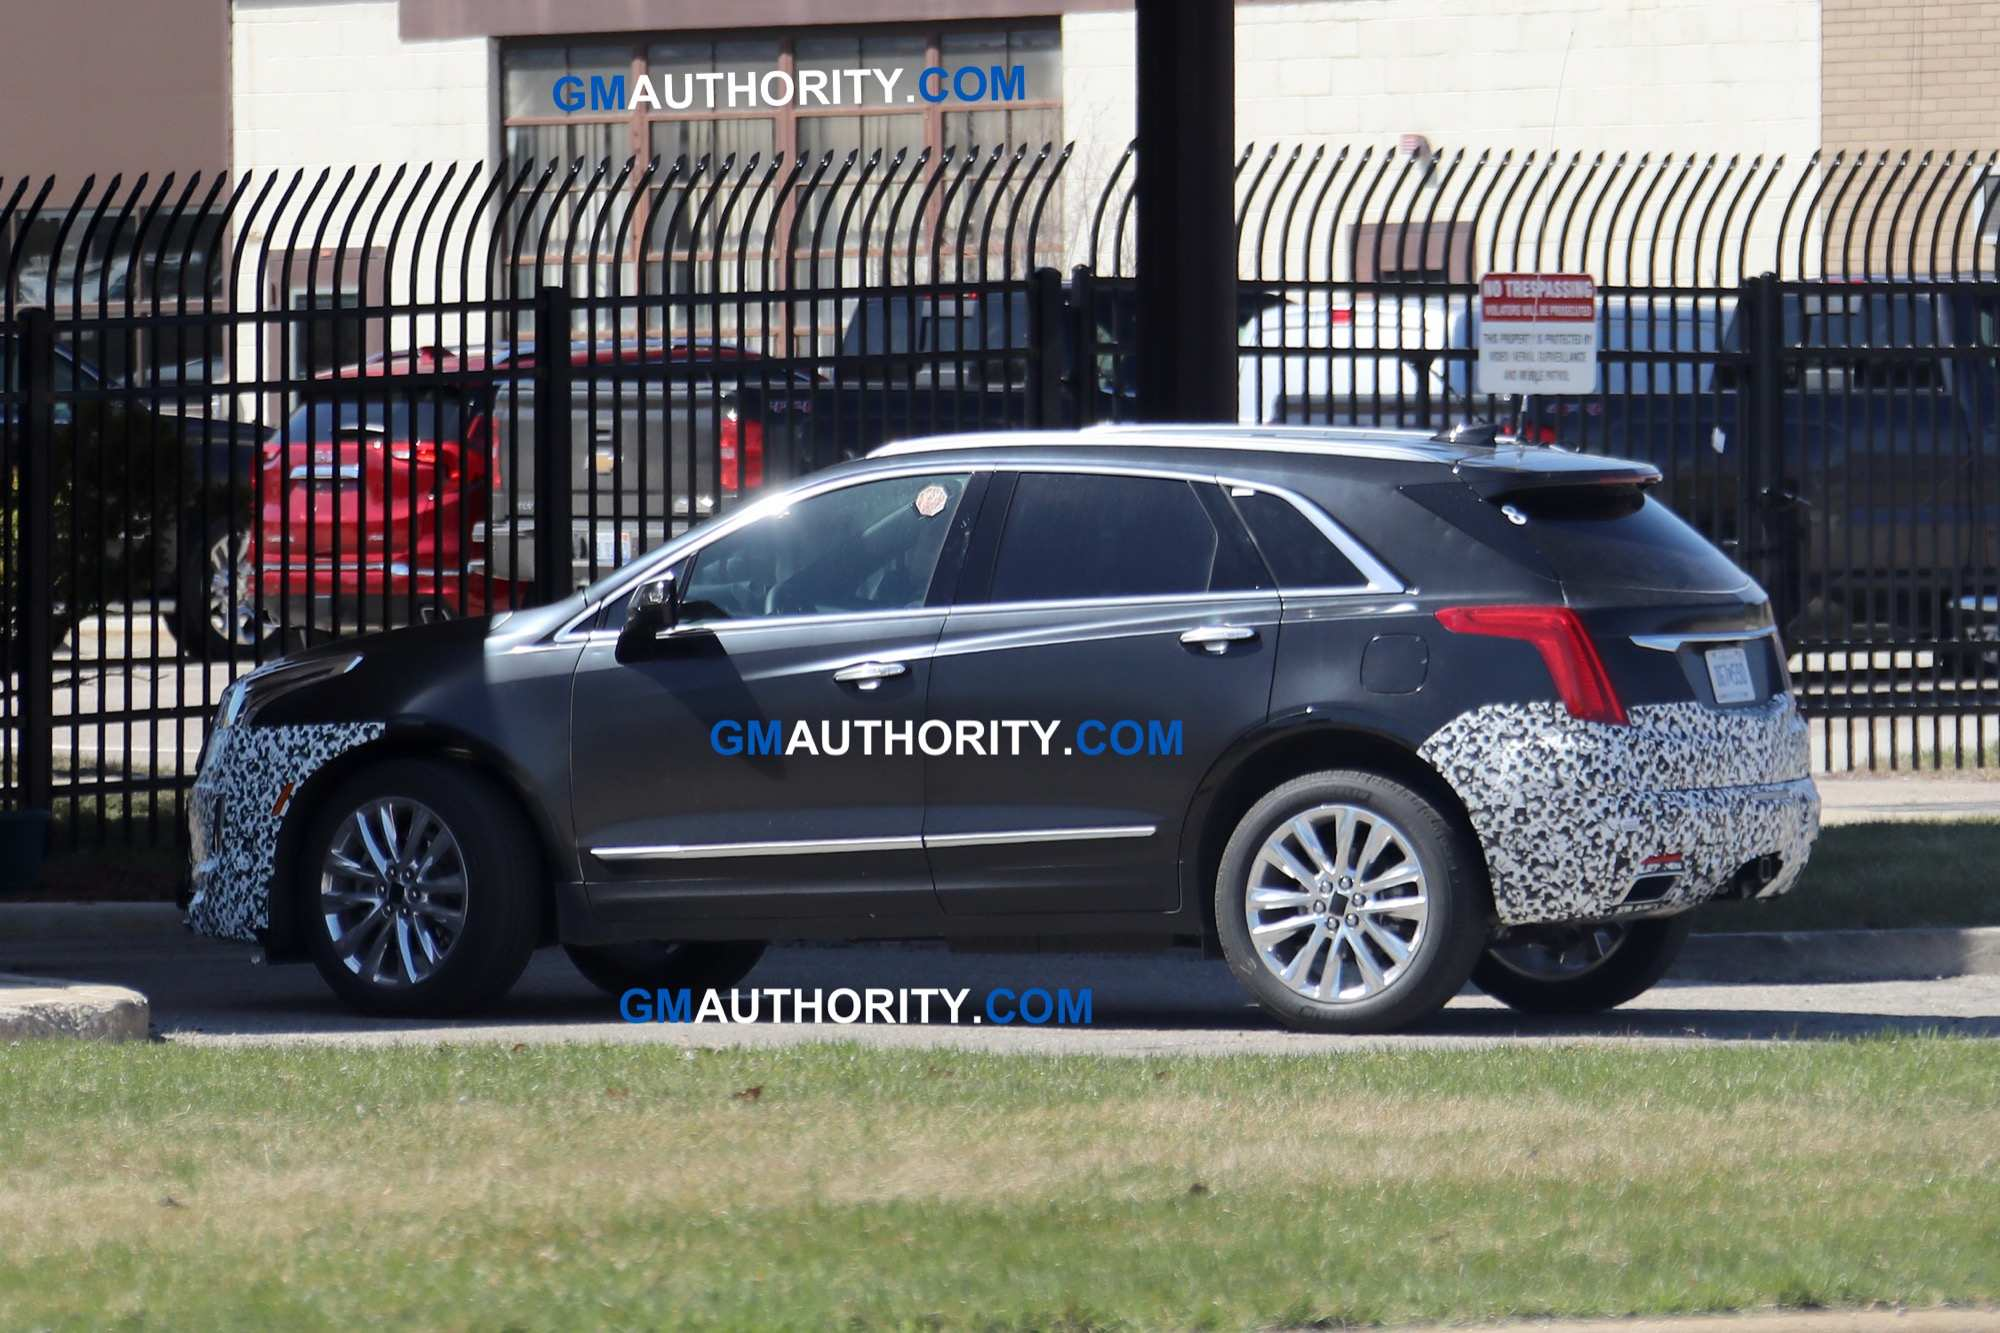 58 New Spy Shots Cadillac Xt5 Pricing with Spy Shots Cadillac Xt5